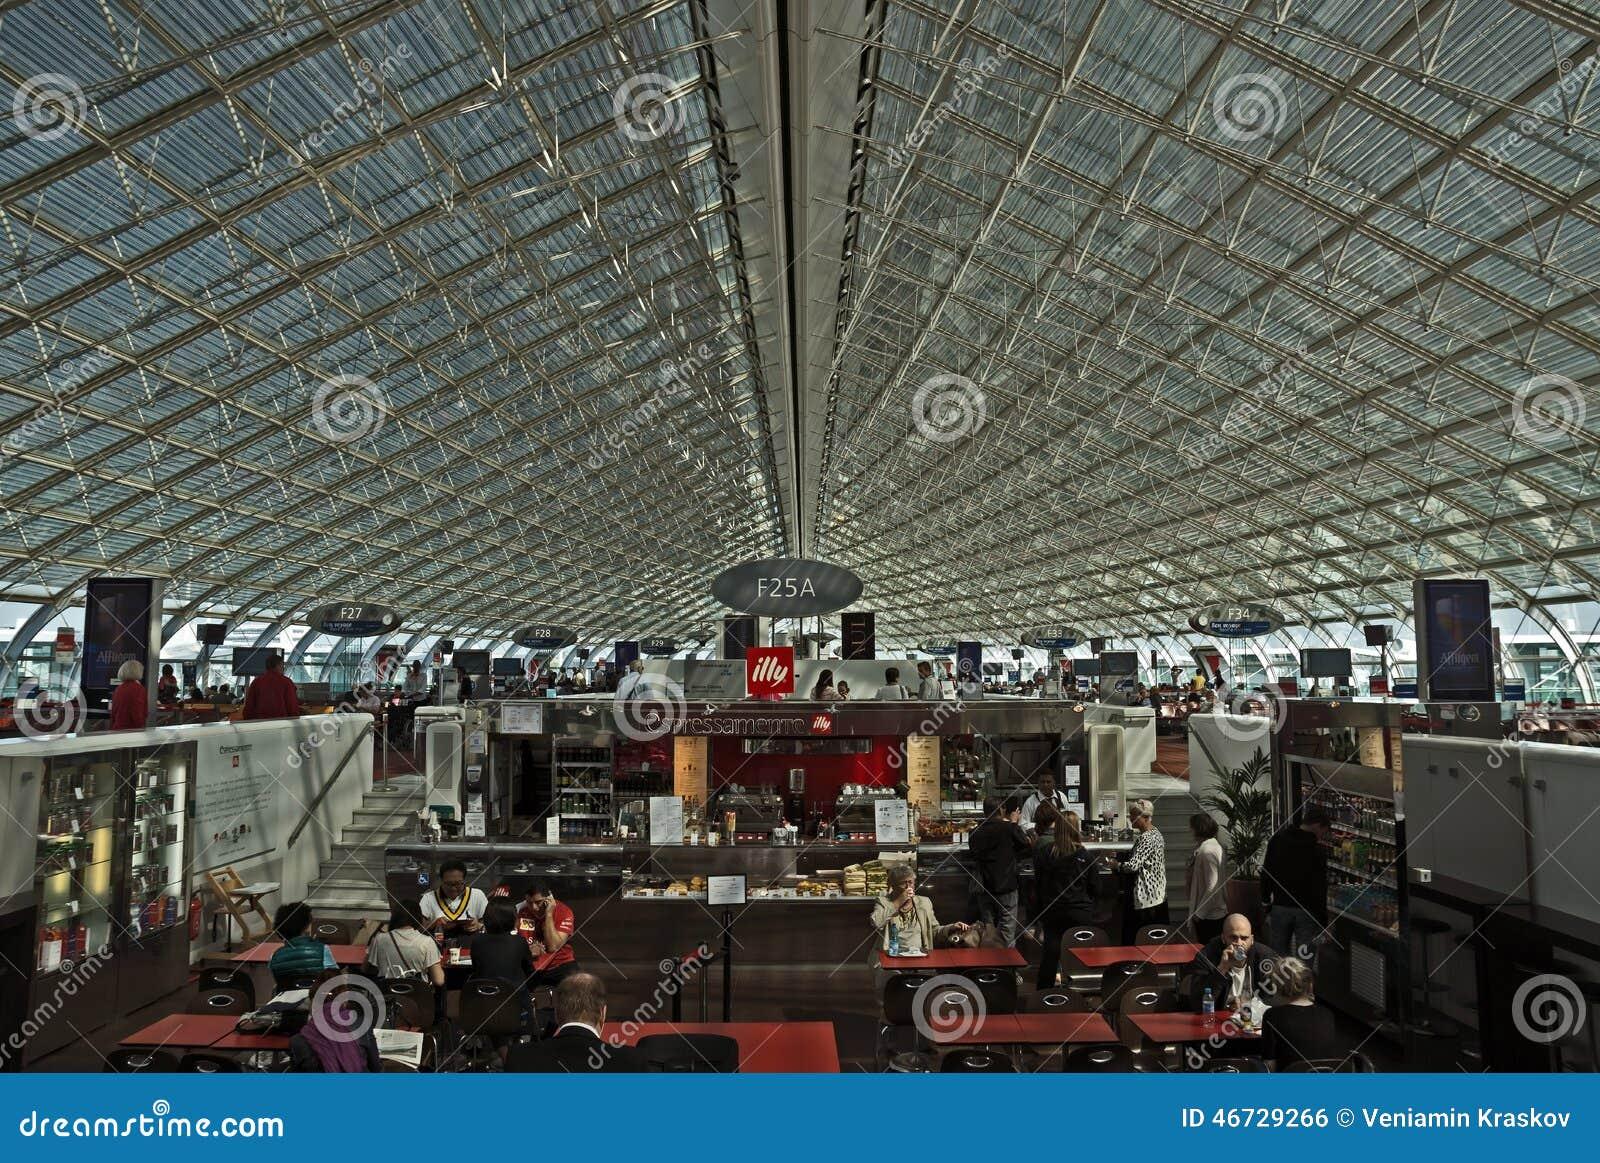 戴高乐机场巴黎戴高乐国际机场 迪拜机场 图片